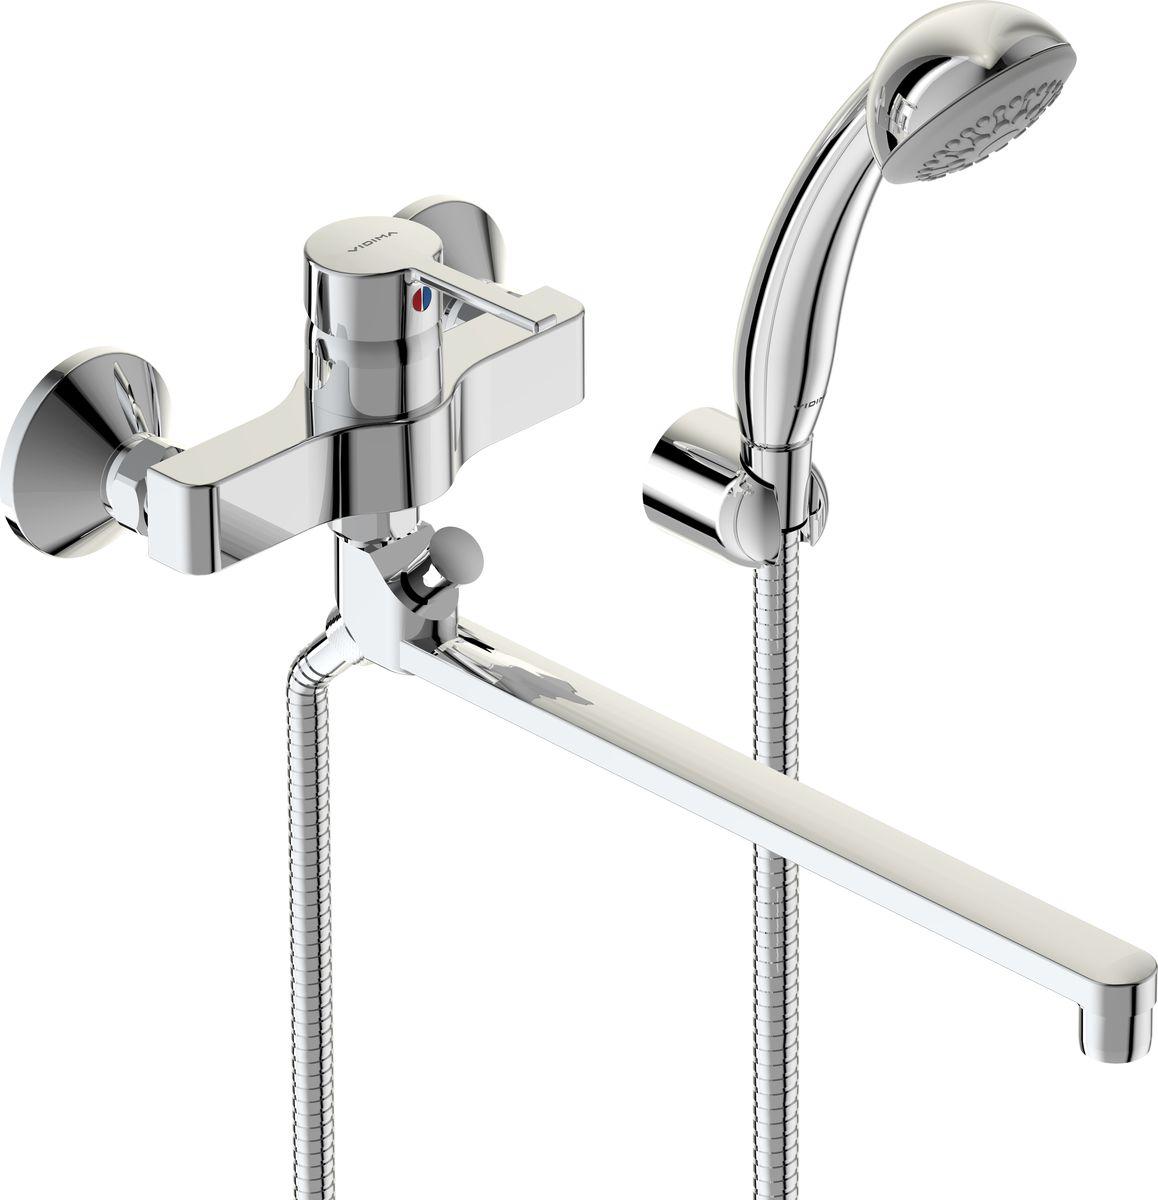 Смеситель для ванны и душа Vidima Логик, излив 320 ммBA281AAСмеситель для ванны и душа Vidima Логик имеет корпус и излив из 100% латуни. Изделие устанавливается на стену. Система облегченного монтажа SmartFix обеспечивает комфорт во время установки и надежность эксплуатации. Монтаж производится на стандартных эксцентриках (в комплекте: эксцентрики, металлические отражатели, уплотнительные прокладки). Смеситель снабжен трубчатым изливом с углом поворота на 360° и аэратором Perlator. Металлическая рукоятка имеет систему защиты от нагревания Comfort Touch и индикатор холодной/горячей воды. Душевой гарнитур в комплекте (душевая лейка, металлический шланг, держатель для лейки). Переключение ванна/душ ручное. Возможность использовать функцию душ даже при очень низком давлении воды. Технические характеристики: Высота излива: 320 мм. Расстояние от стены до аэратора: 381 мм. Диаметр душевой лейки: 70 мм. Длина шланга: 150 см.